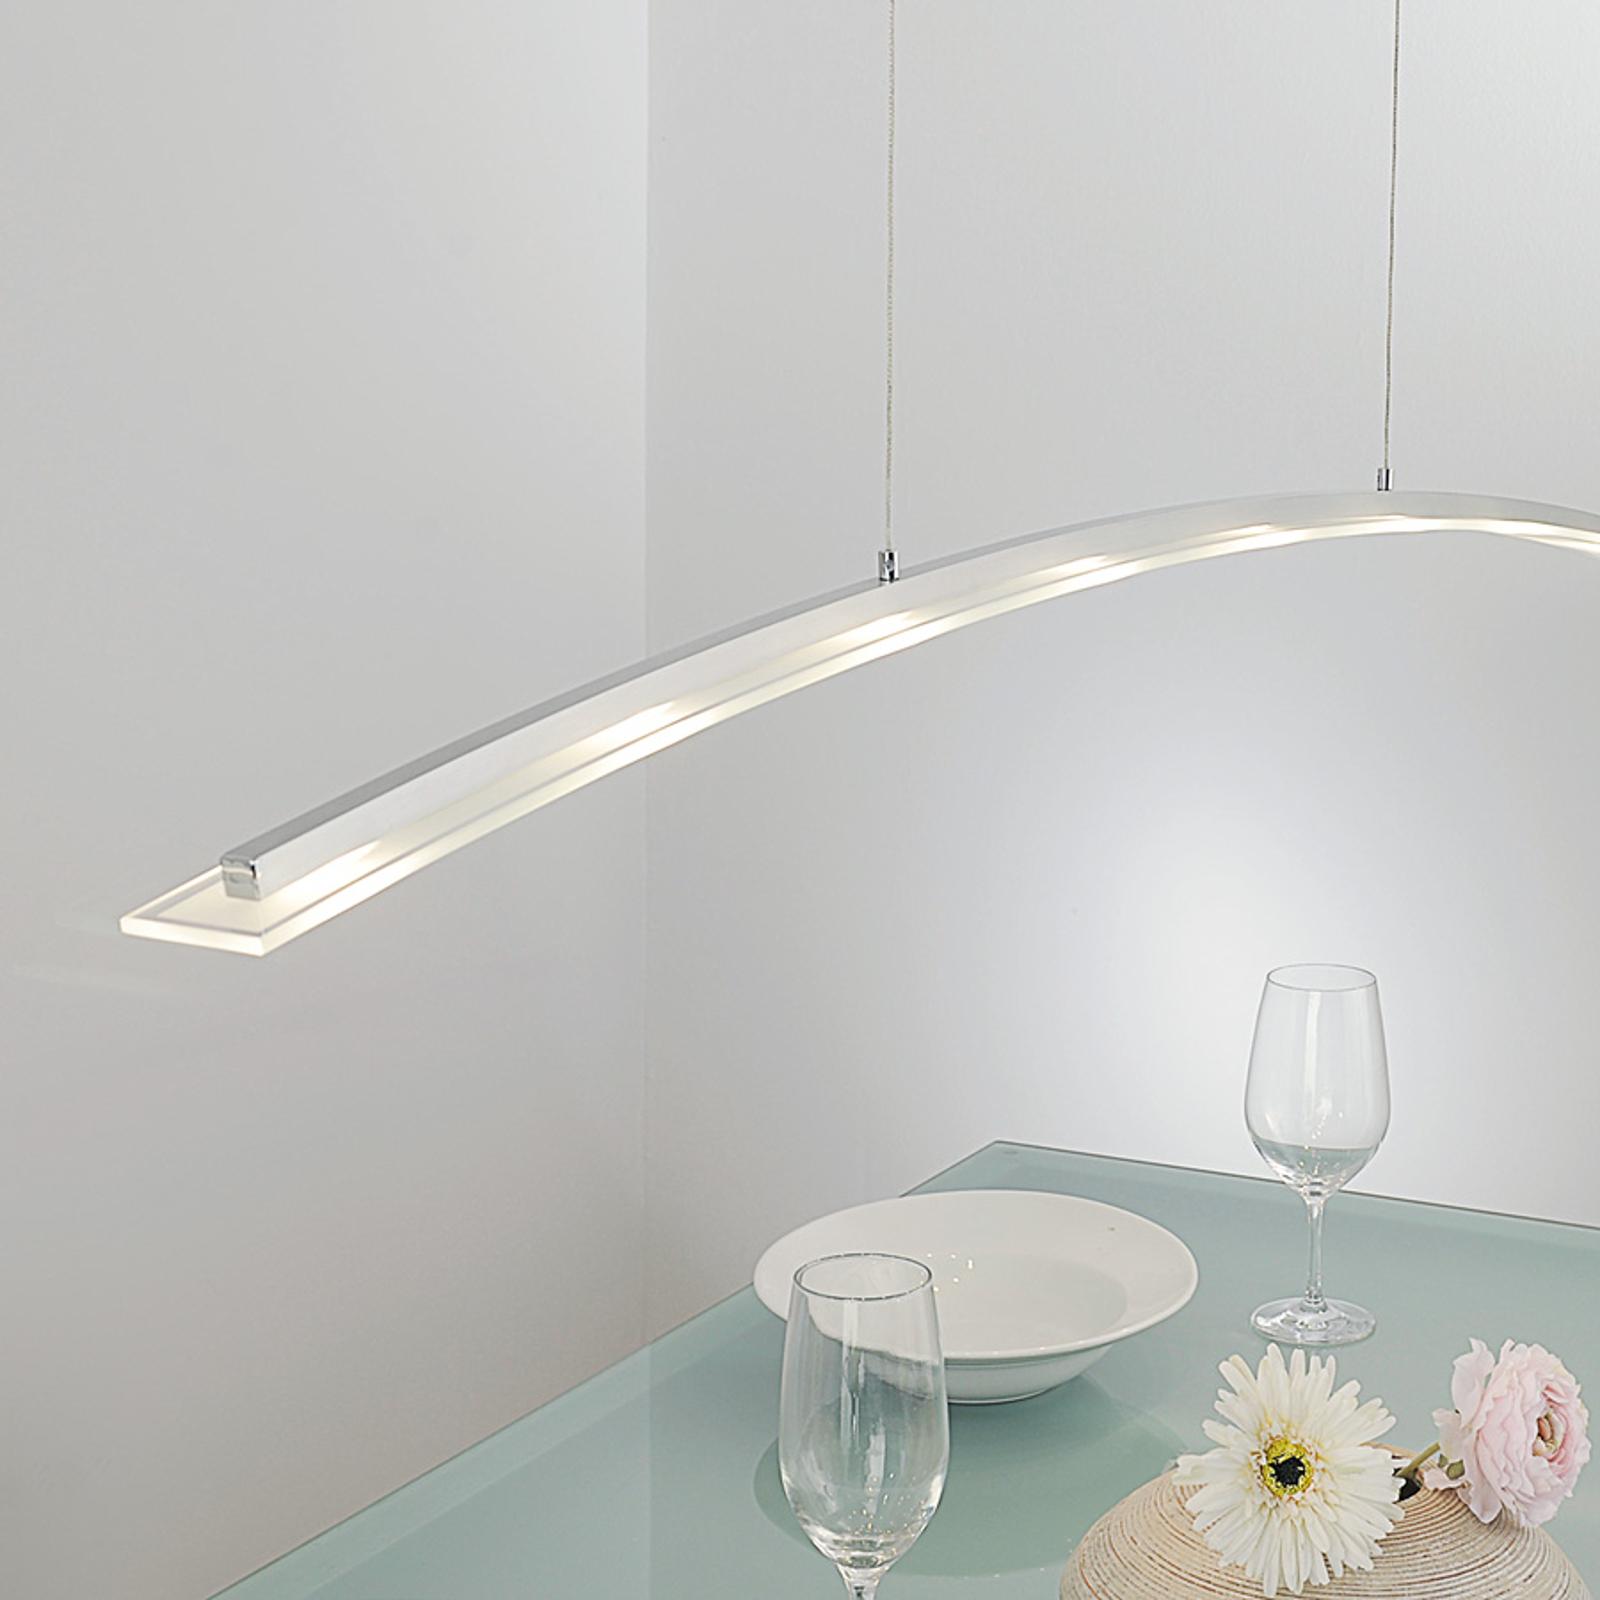 Lampa wisząca LED JUNA z reg. wys., 136 cm